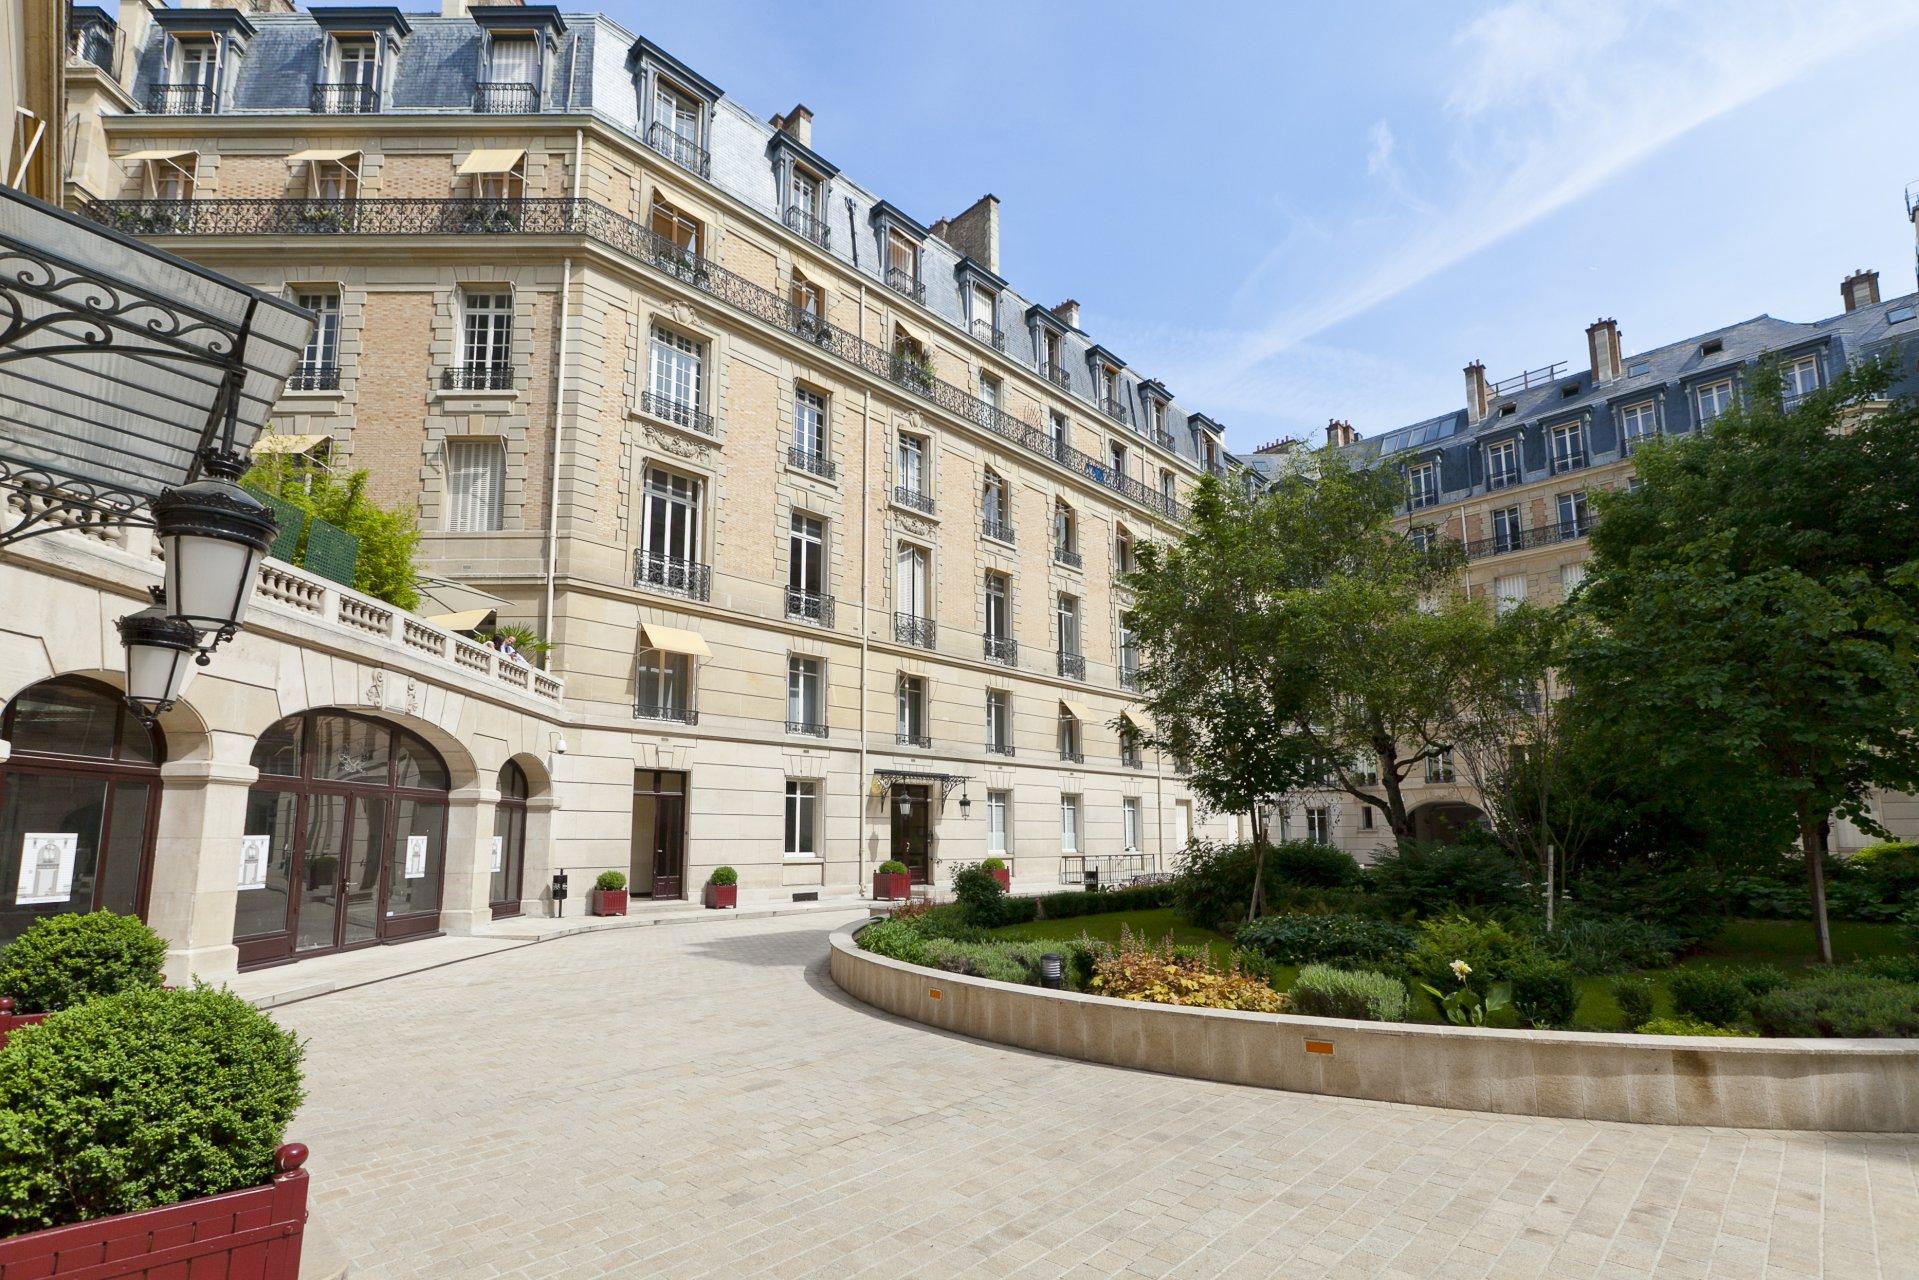 Annonce Location Appartement Paris 8me Champslyses 75008 5 Pices refL1513PA